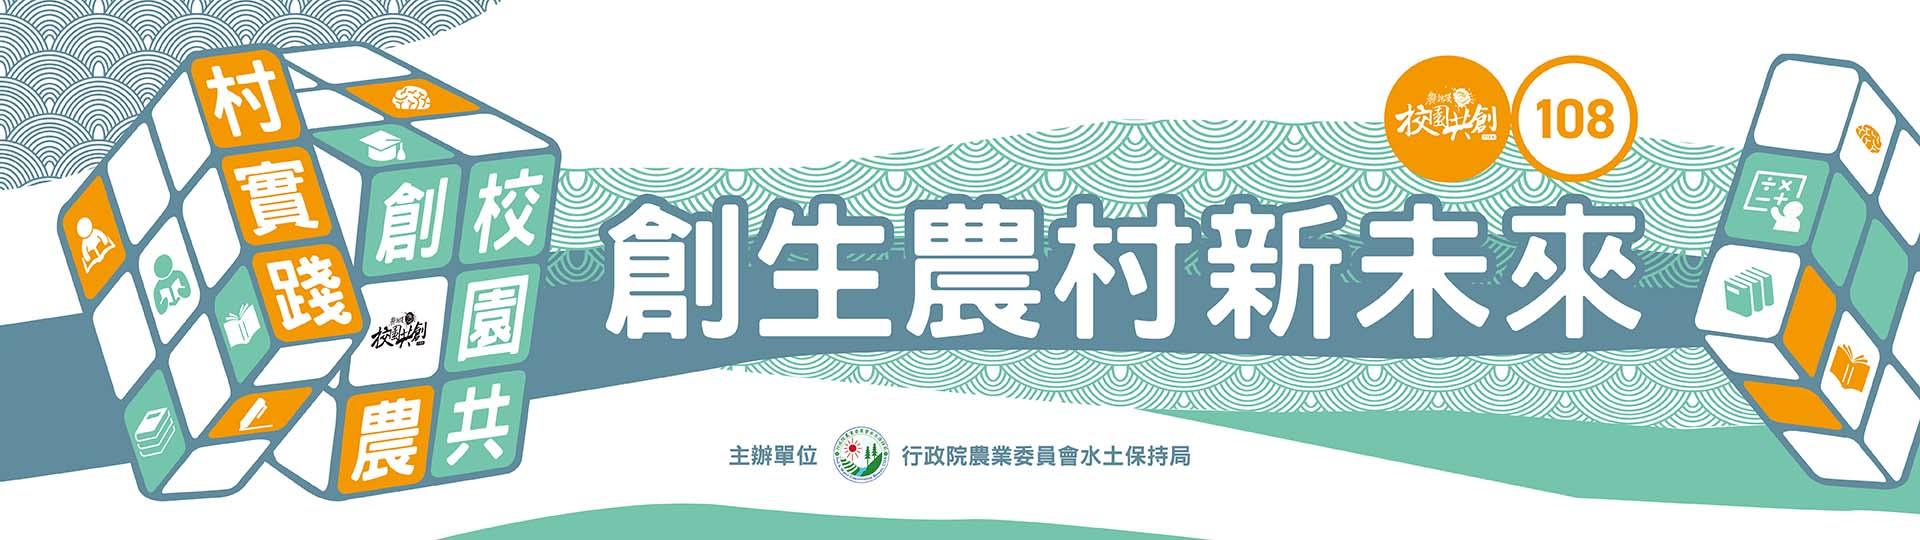 【農學共創】創生農村新未來